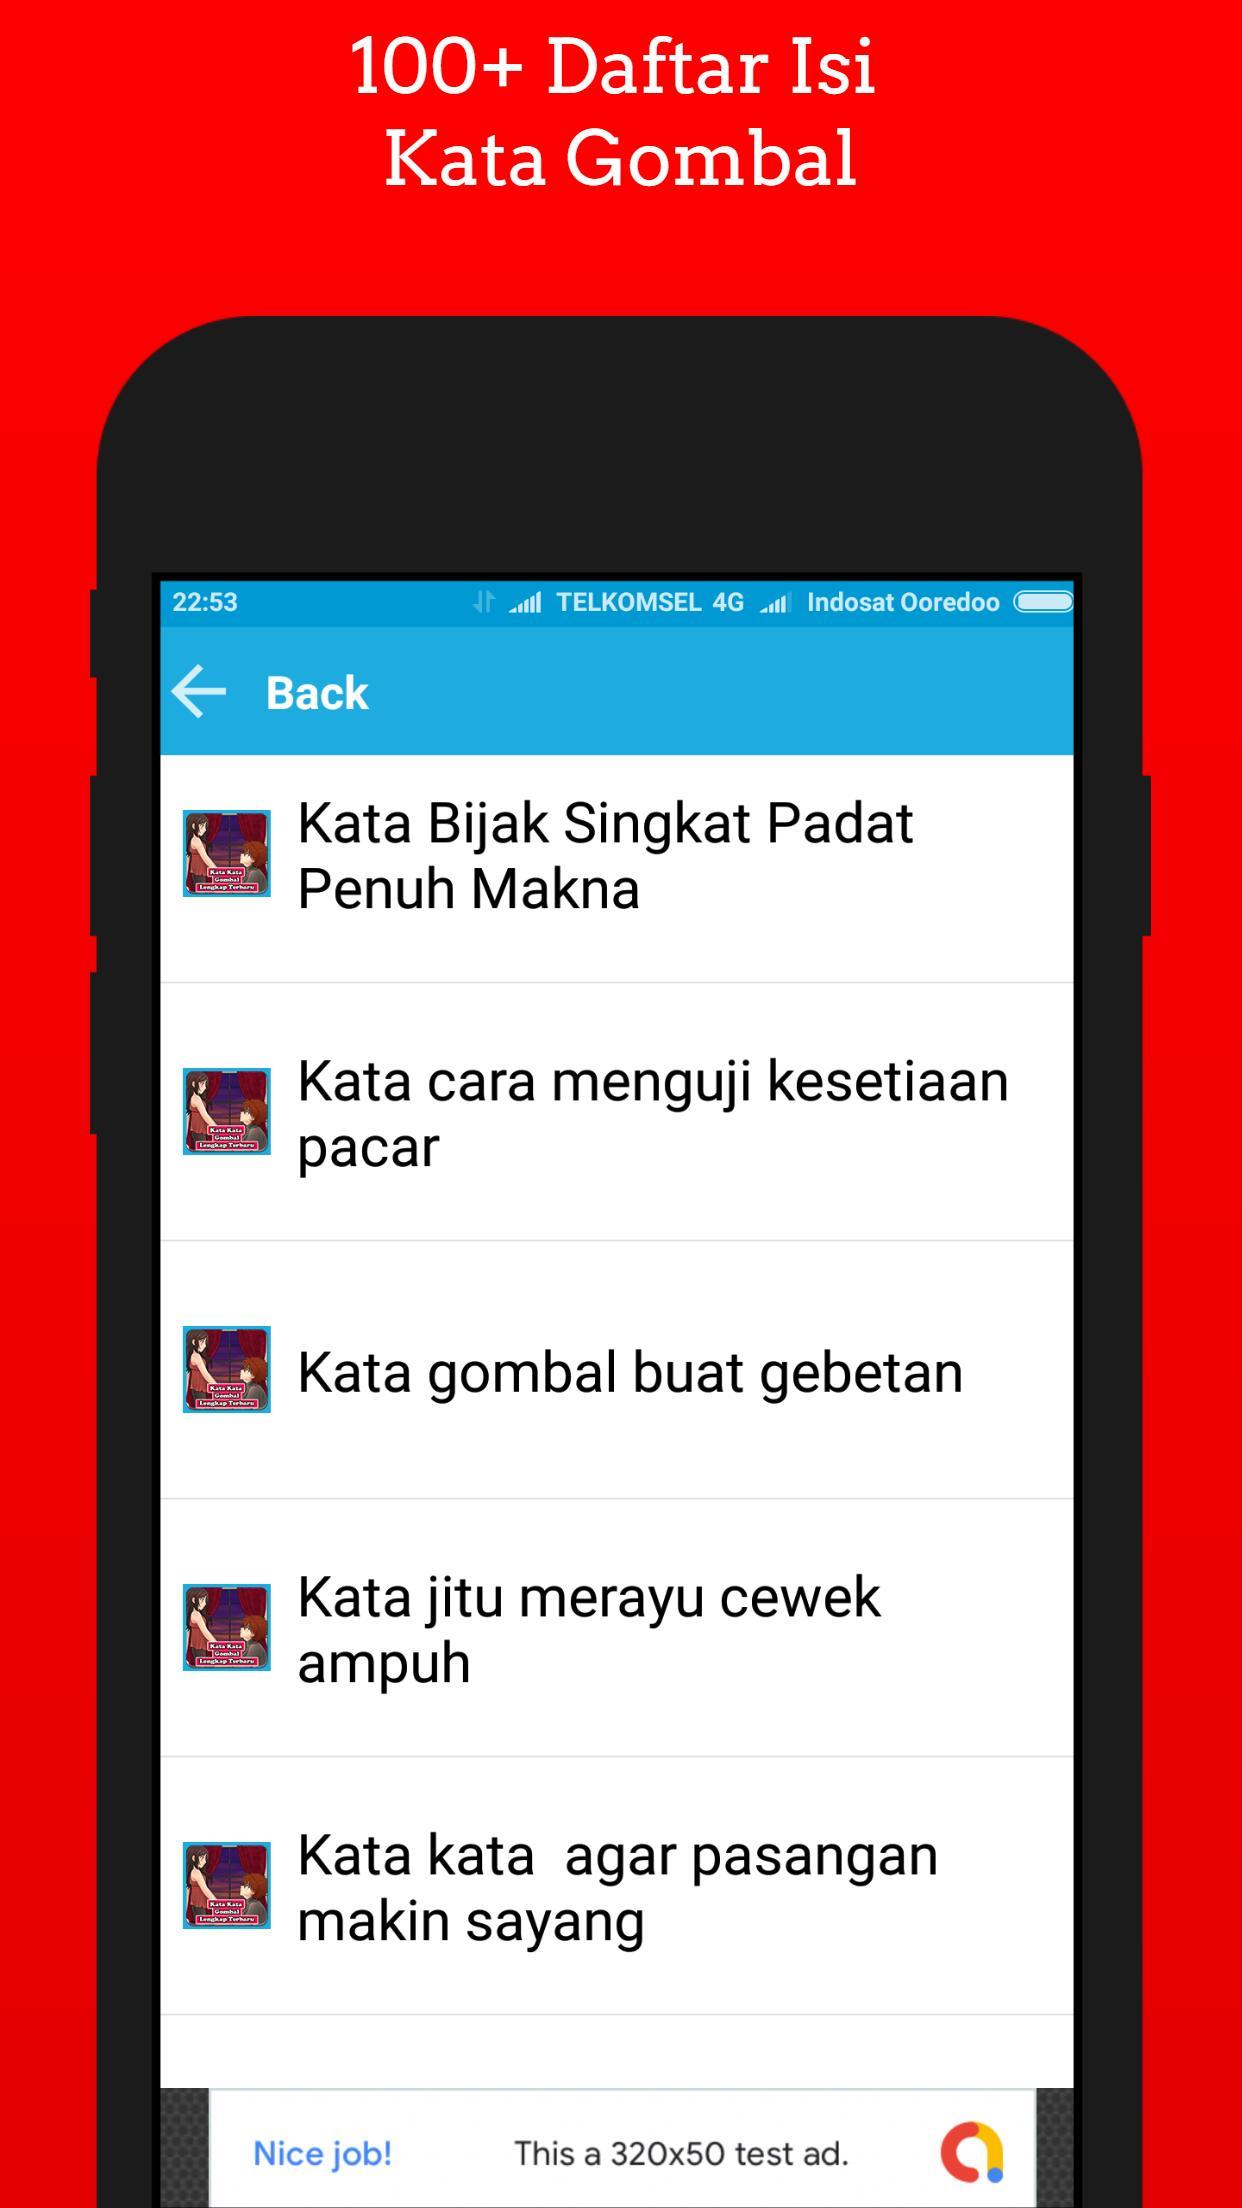 Kata Kata Gombal Lengkap Terbaru For Android APK Download